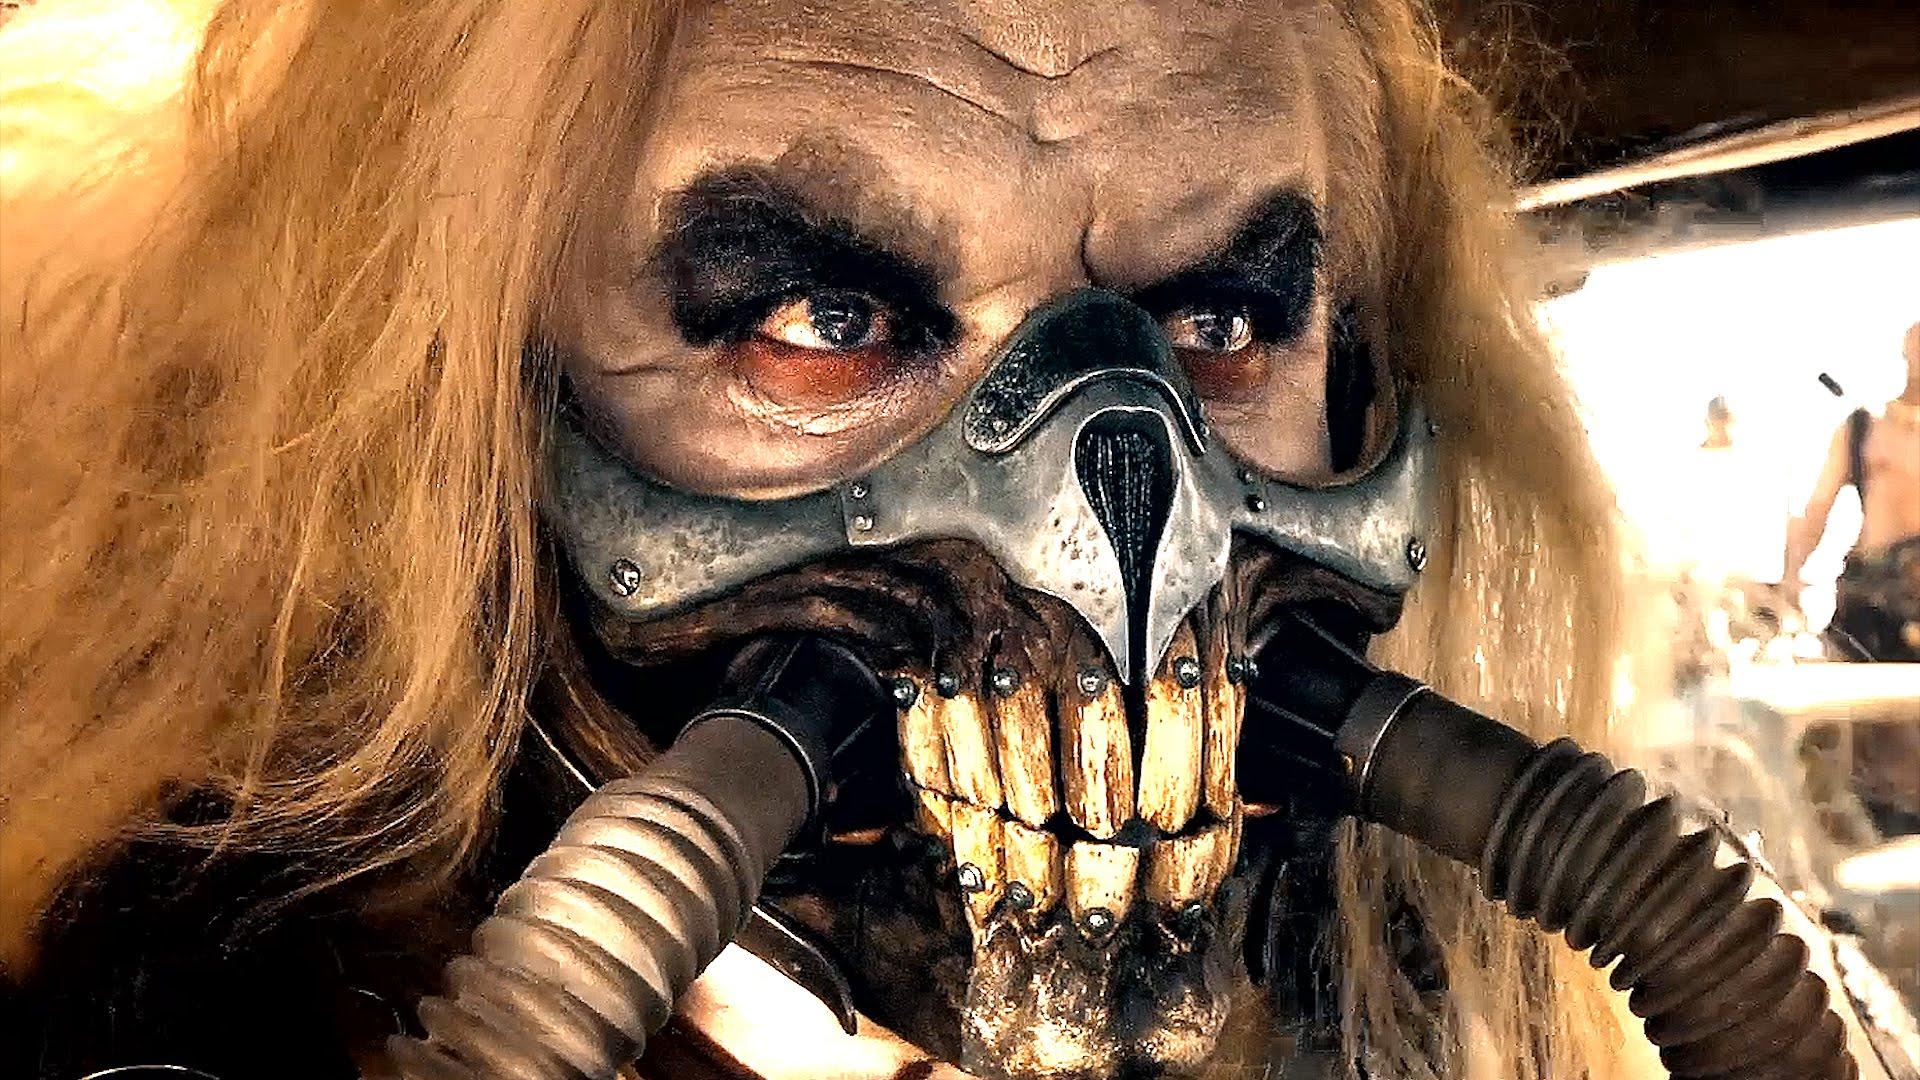 Безумный Макс Дорога ярости (Mad Max Fury Road) рецензия на фильм